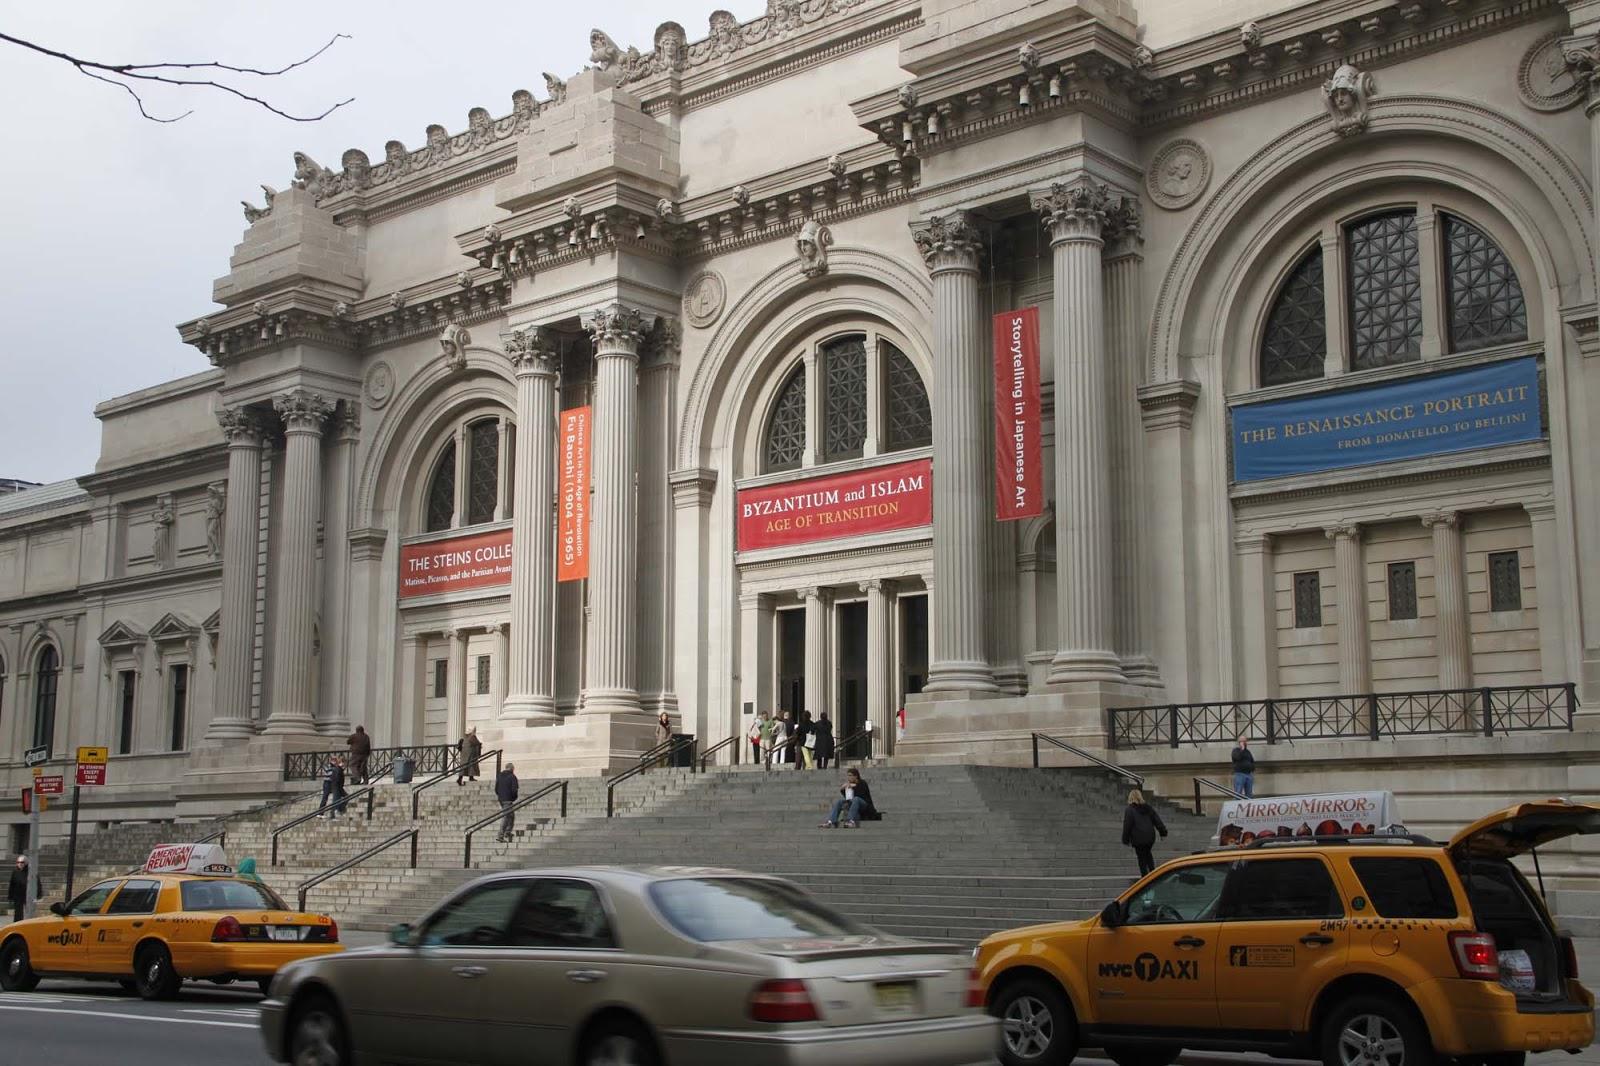 Visit to the Metropolitan